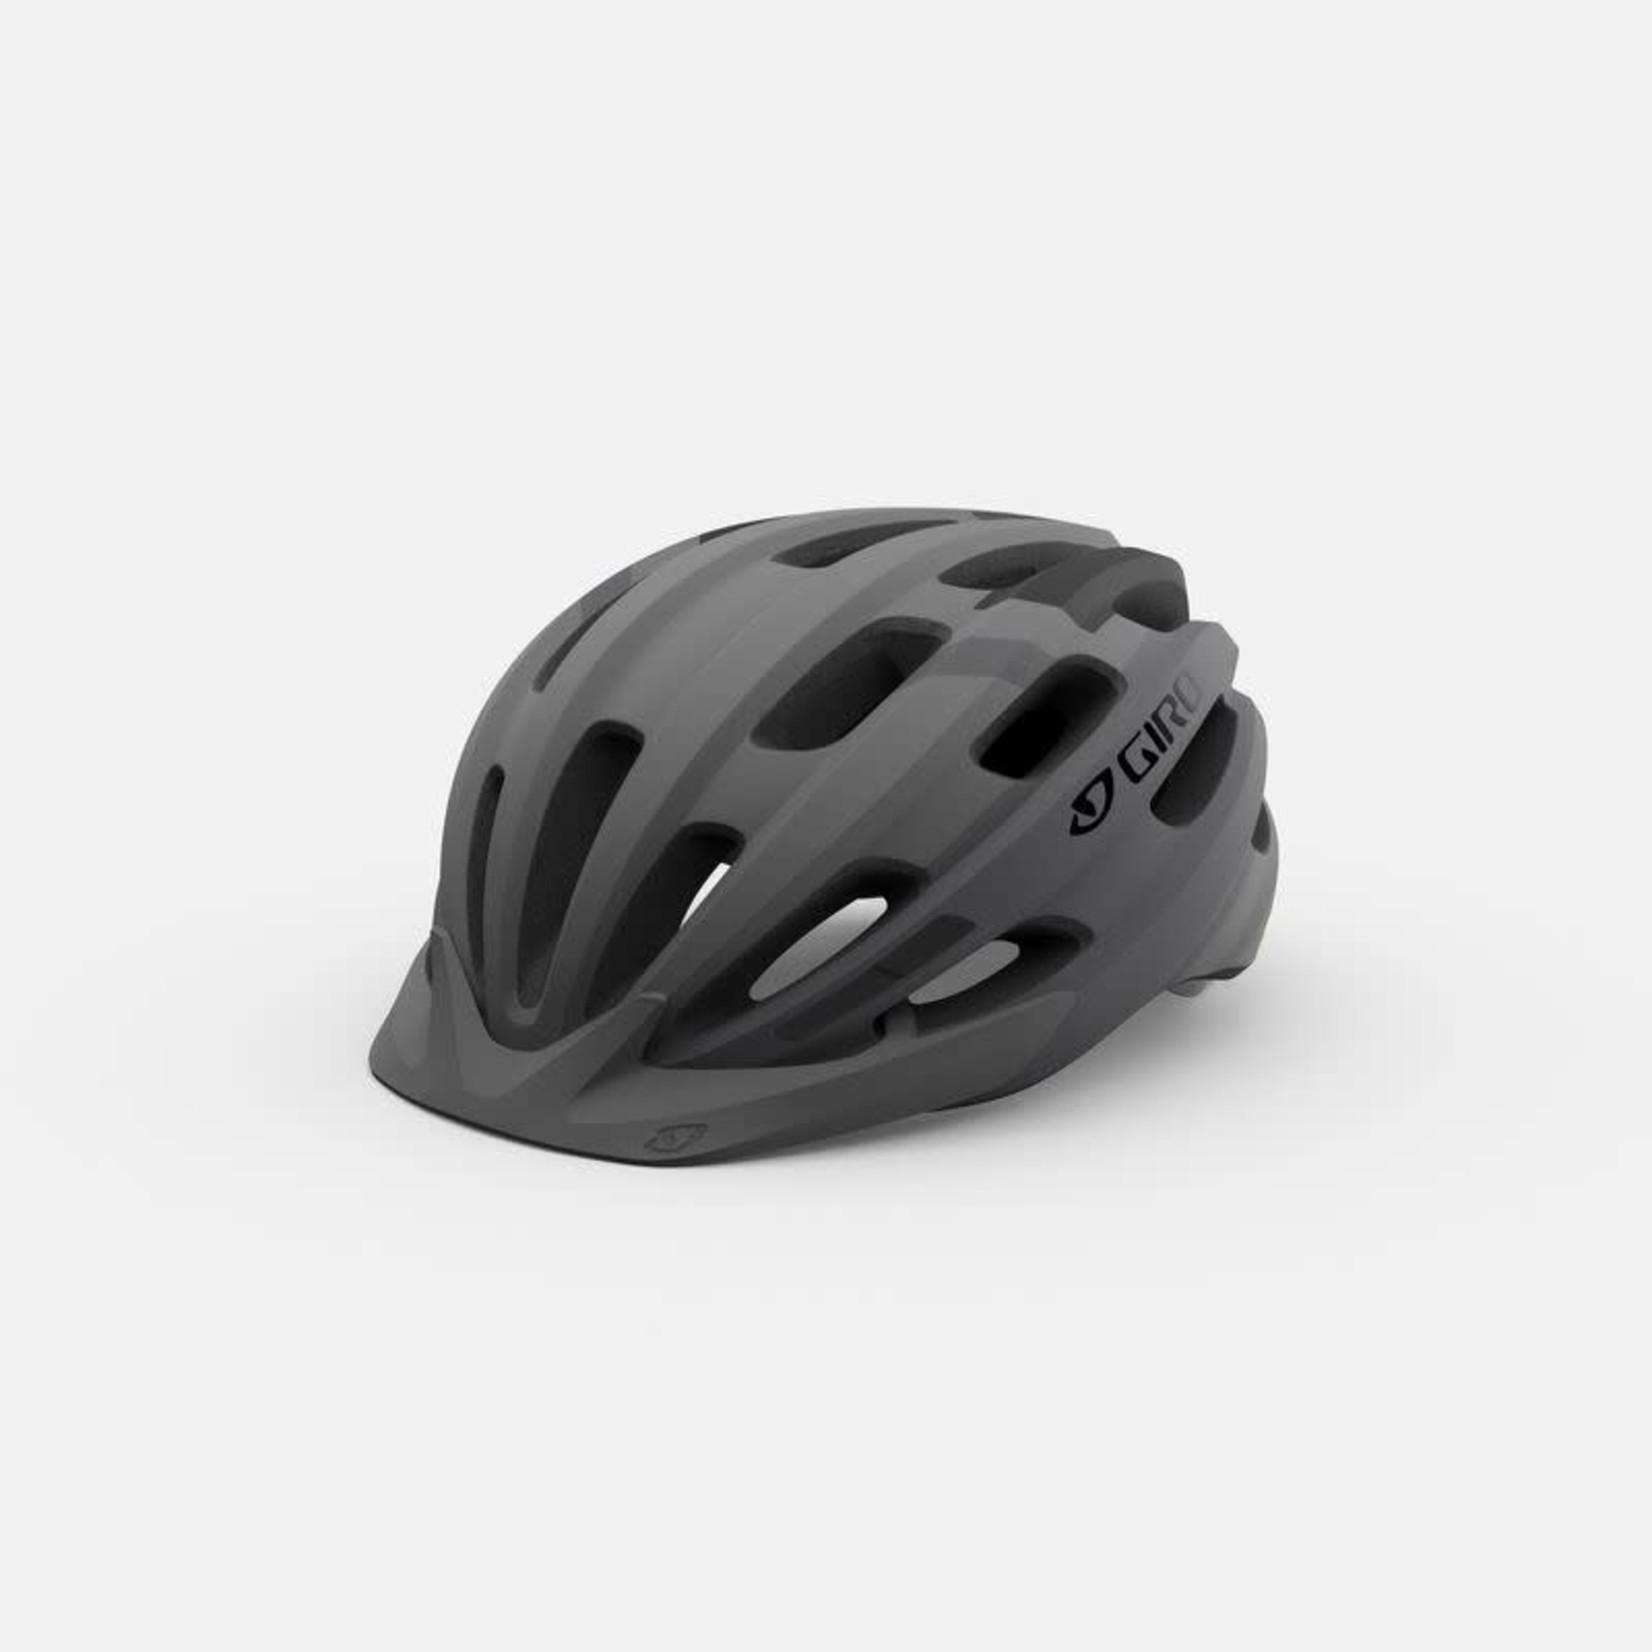 Giro Cycling GIRO REGISTER MIPS MAT TI